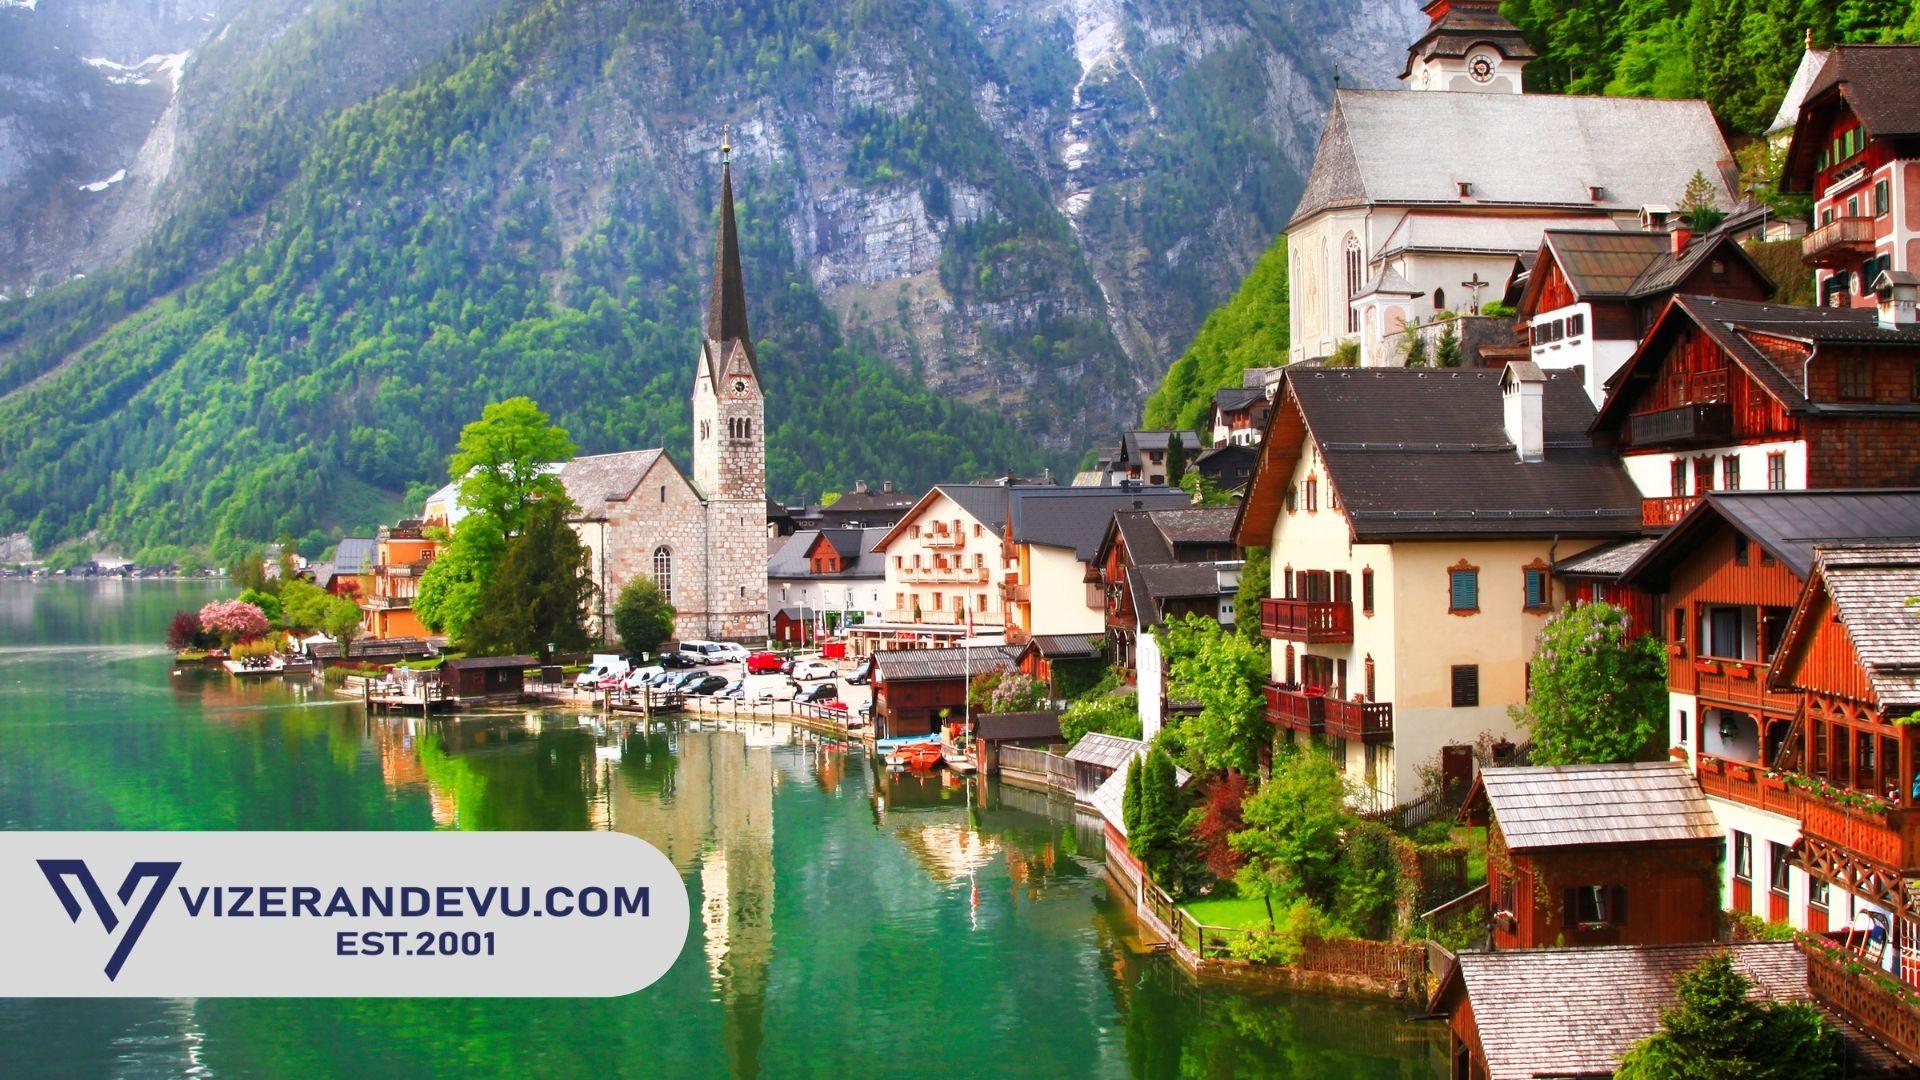 Avusturya Vizesi: Randevu ve Başvuru (2021)